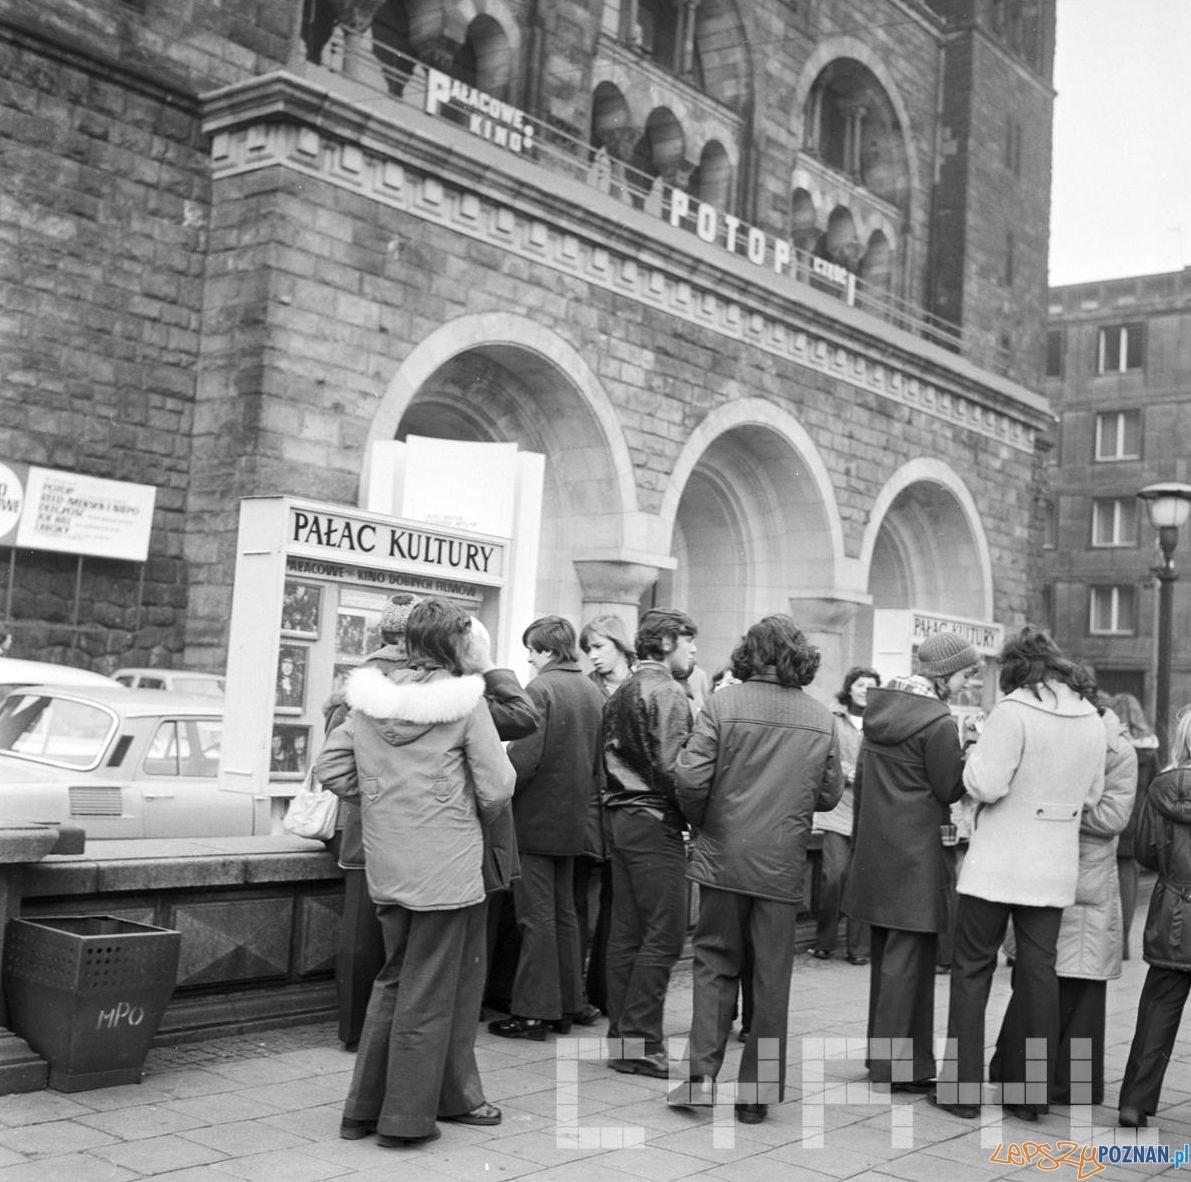 Pałac Kultury - w kinie Potop - 13.11.1974  Foto: Stanisław Wiktor / Cyryl